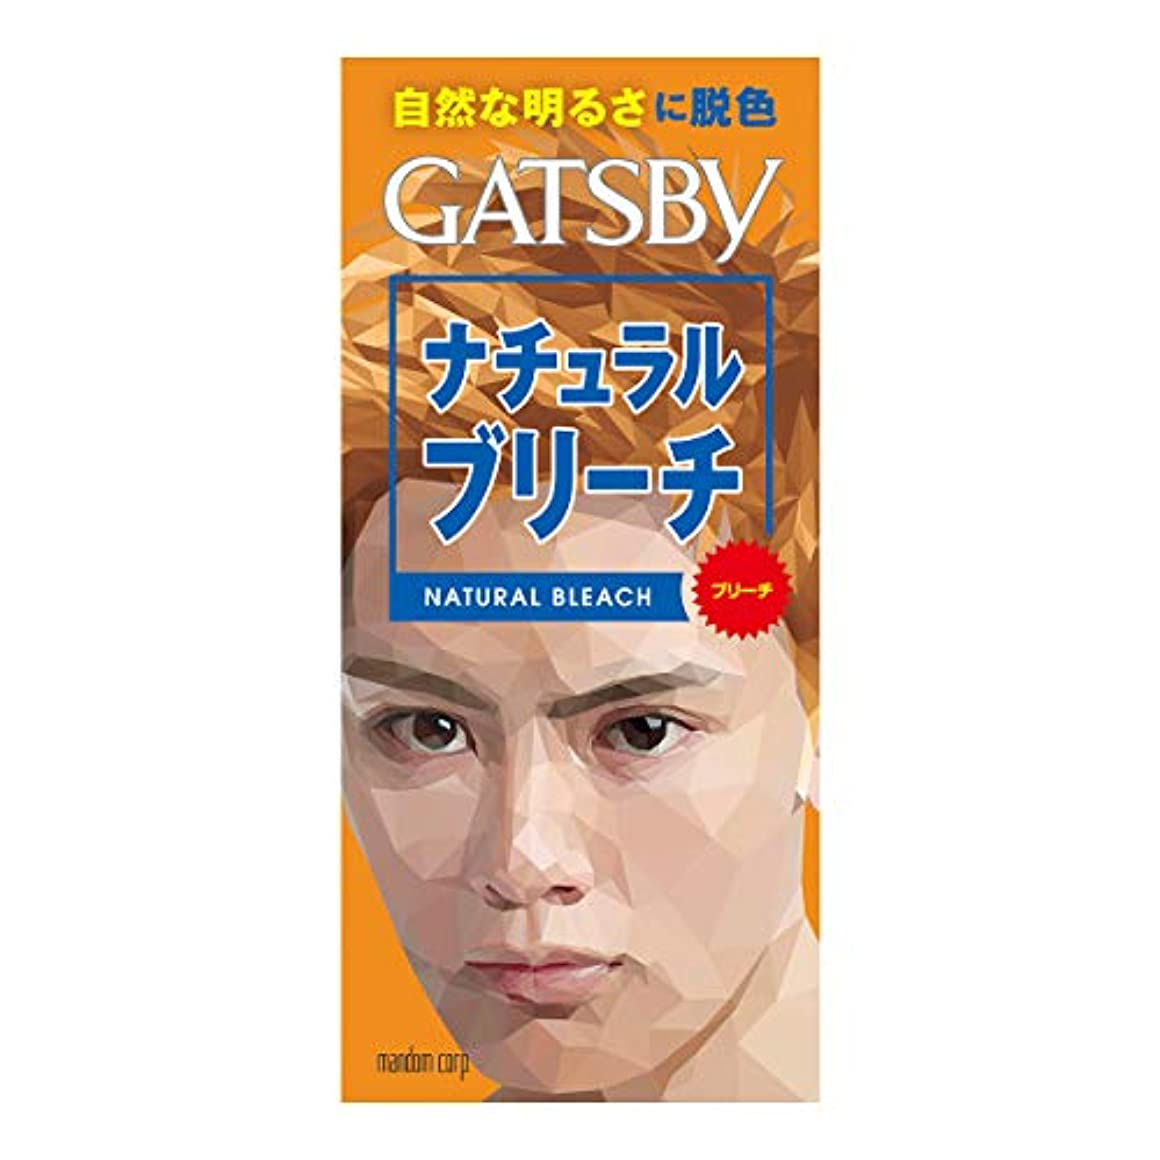 略奪助けになる君主ギャツビー ナチュラルブリーチ 【HTRC5.1】